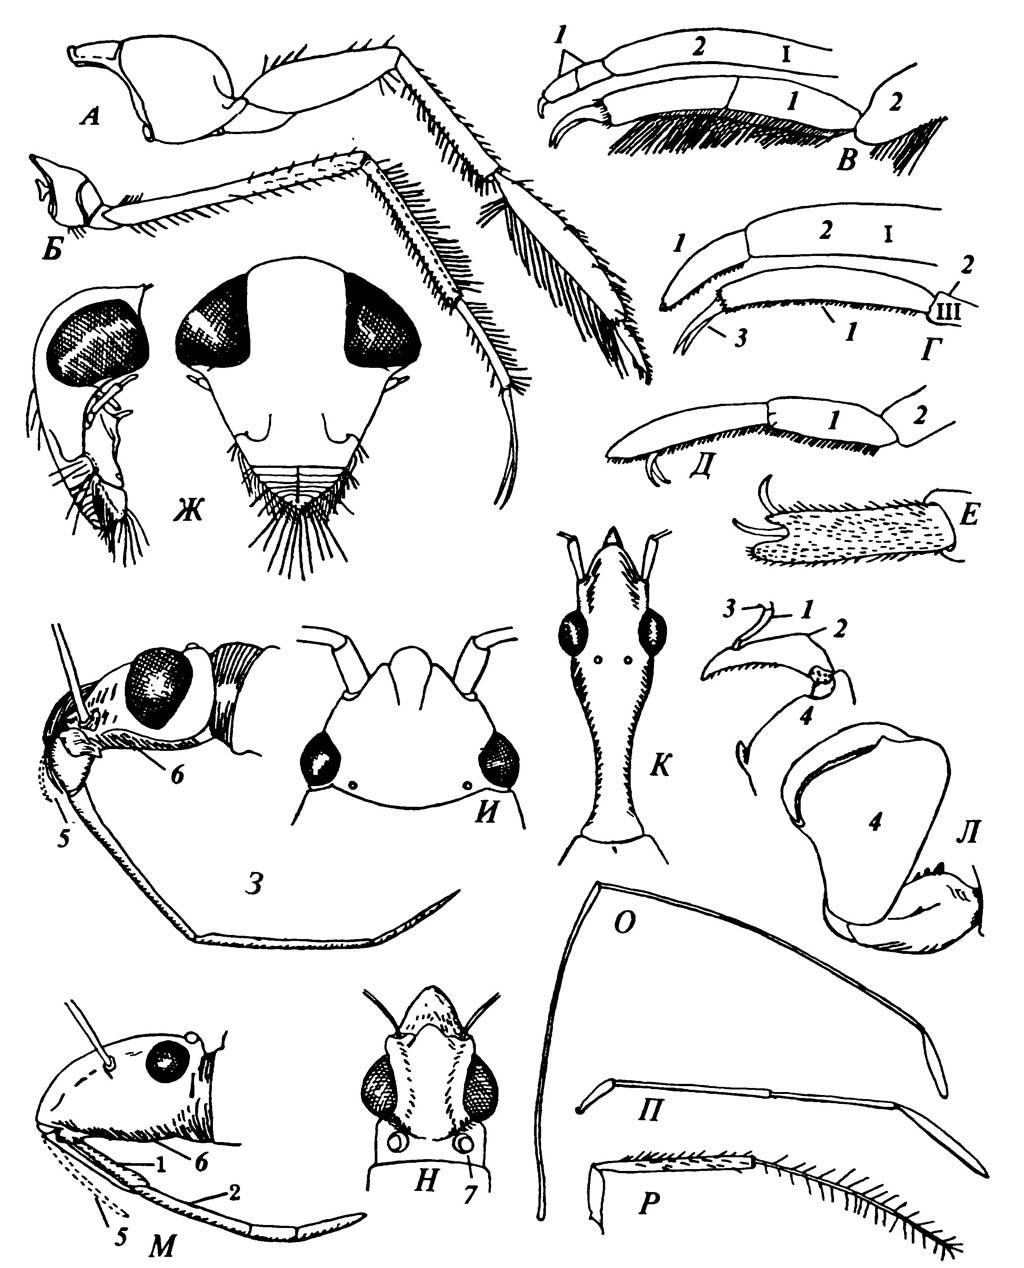 Особенности строения некоторых Hemiptera